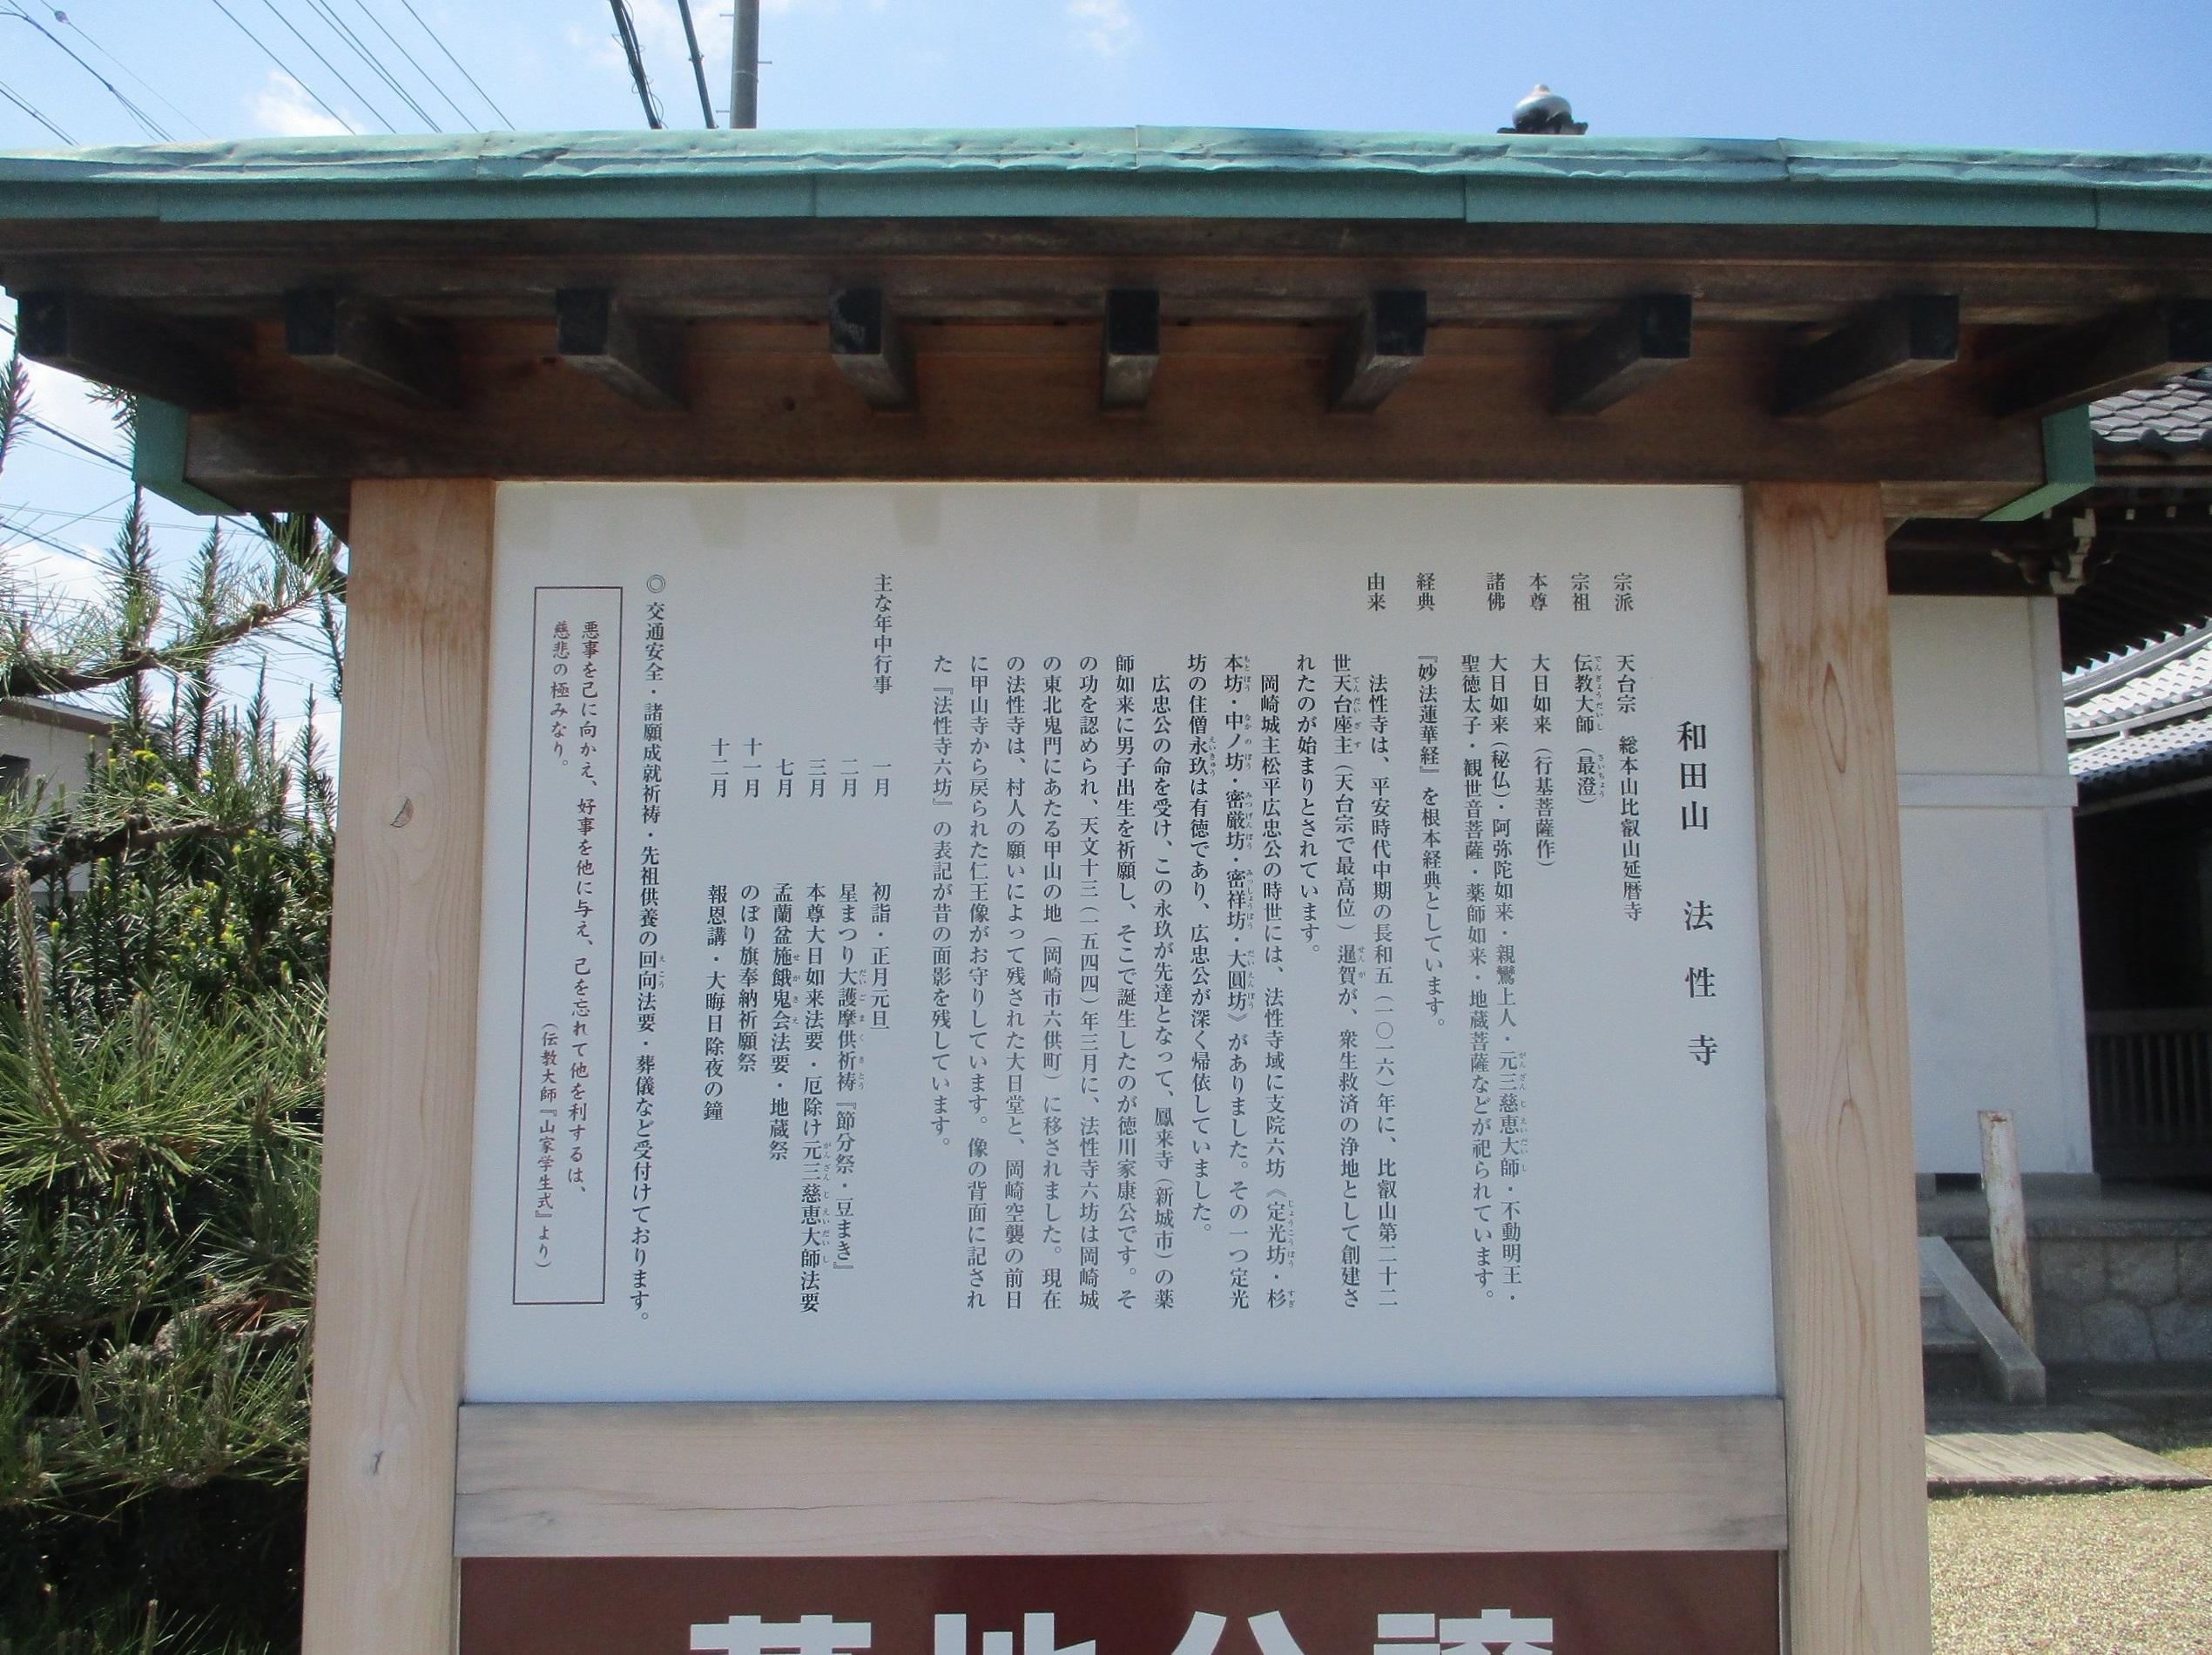 2020.4.28 (7) 法性寺 - 由緒がき 2540-1900